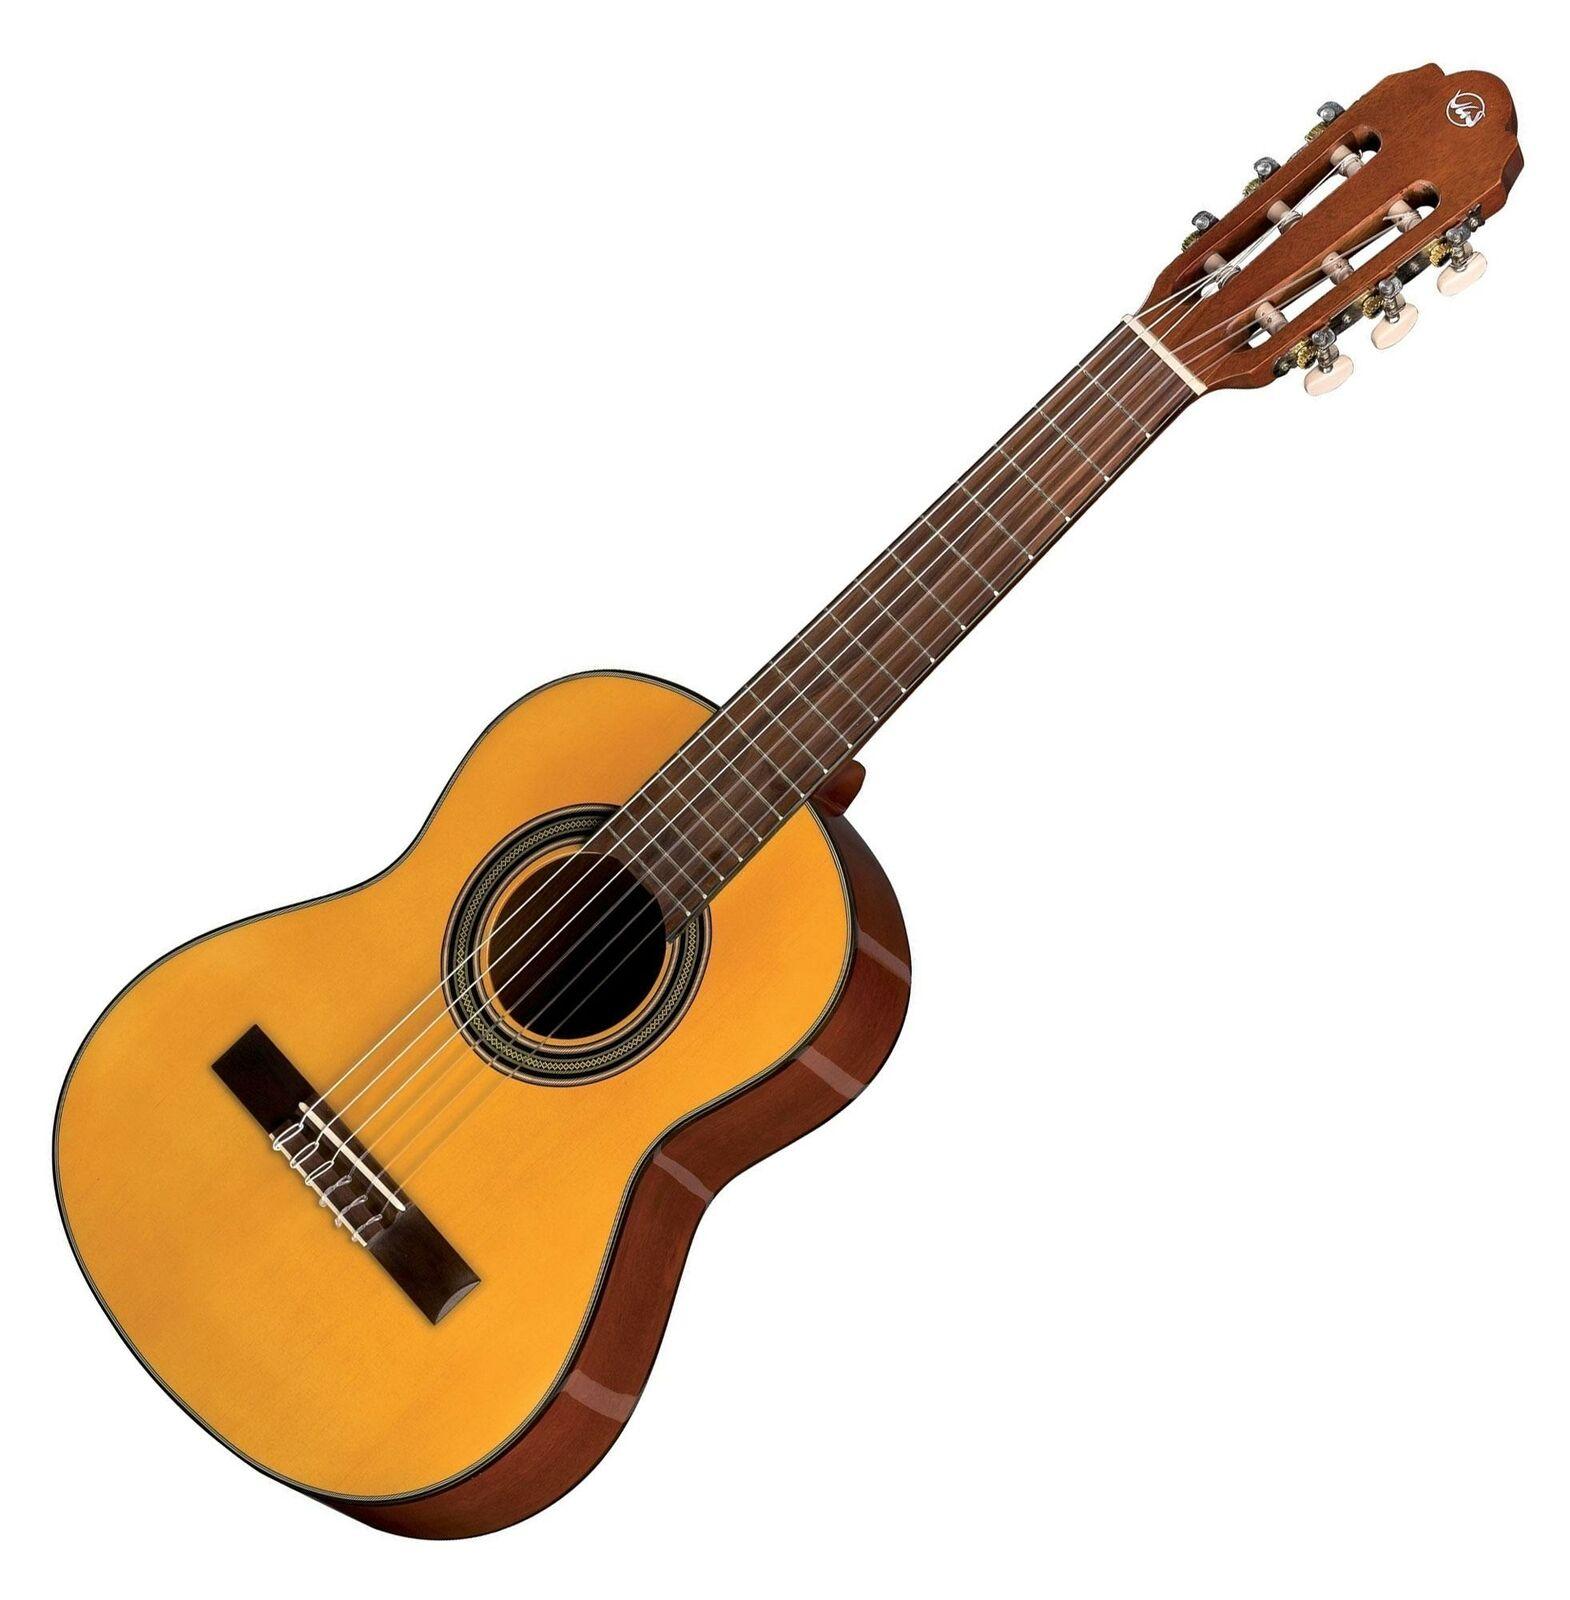 Schöne 1 4 Konzertgitarre für Kinder & Schüler mit Hannabach Saiten, Natur hell